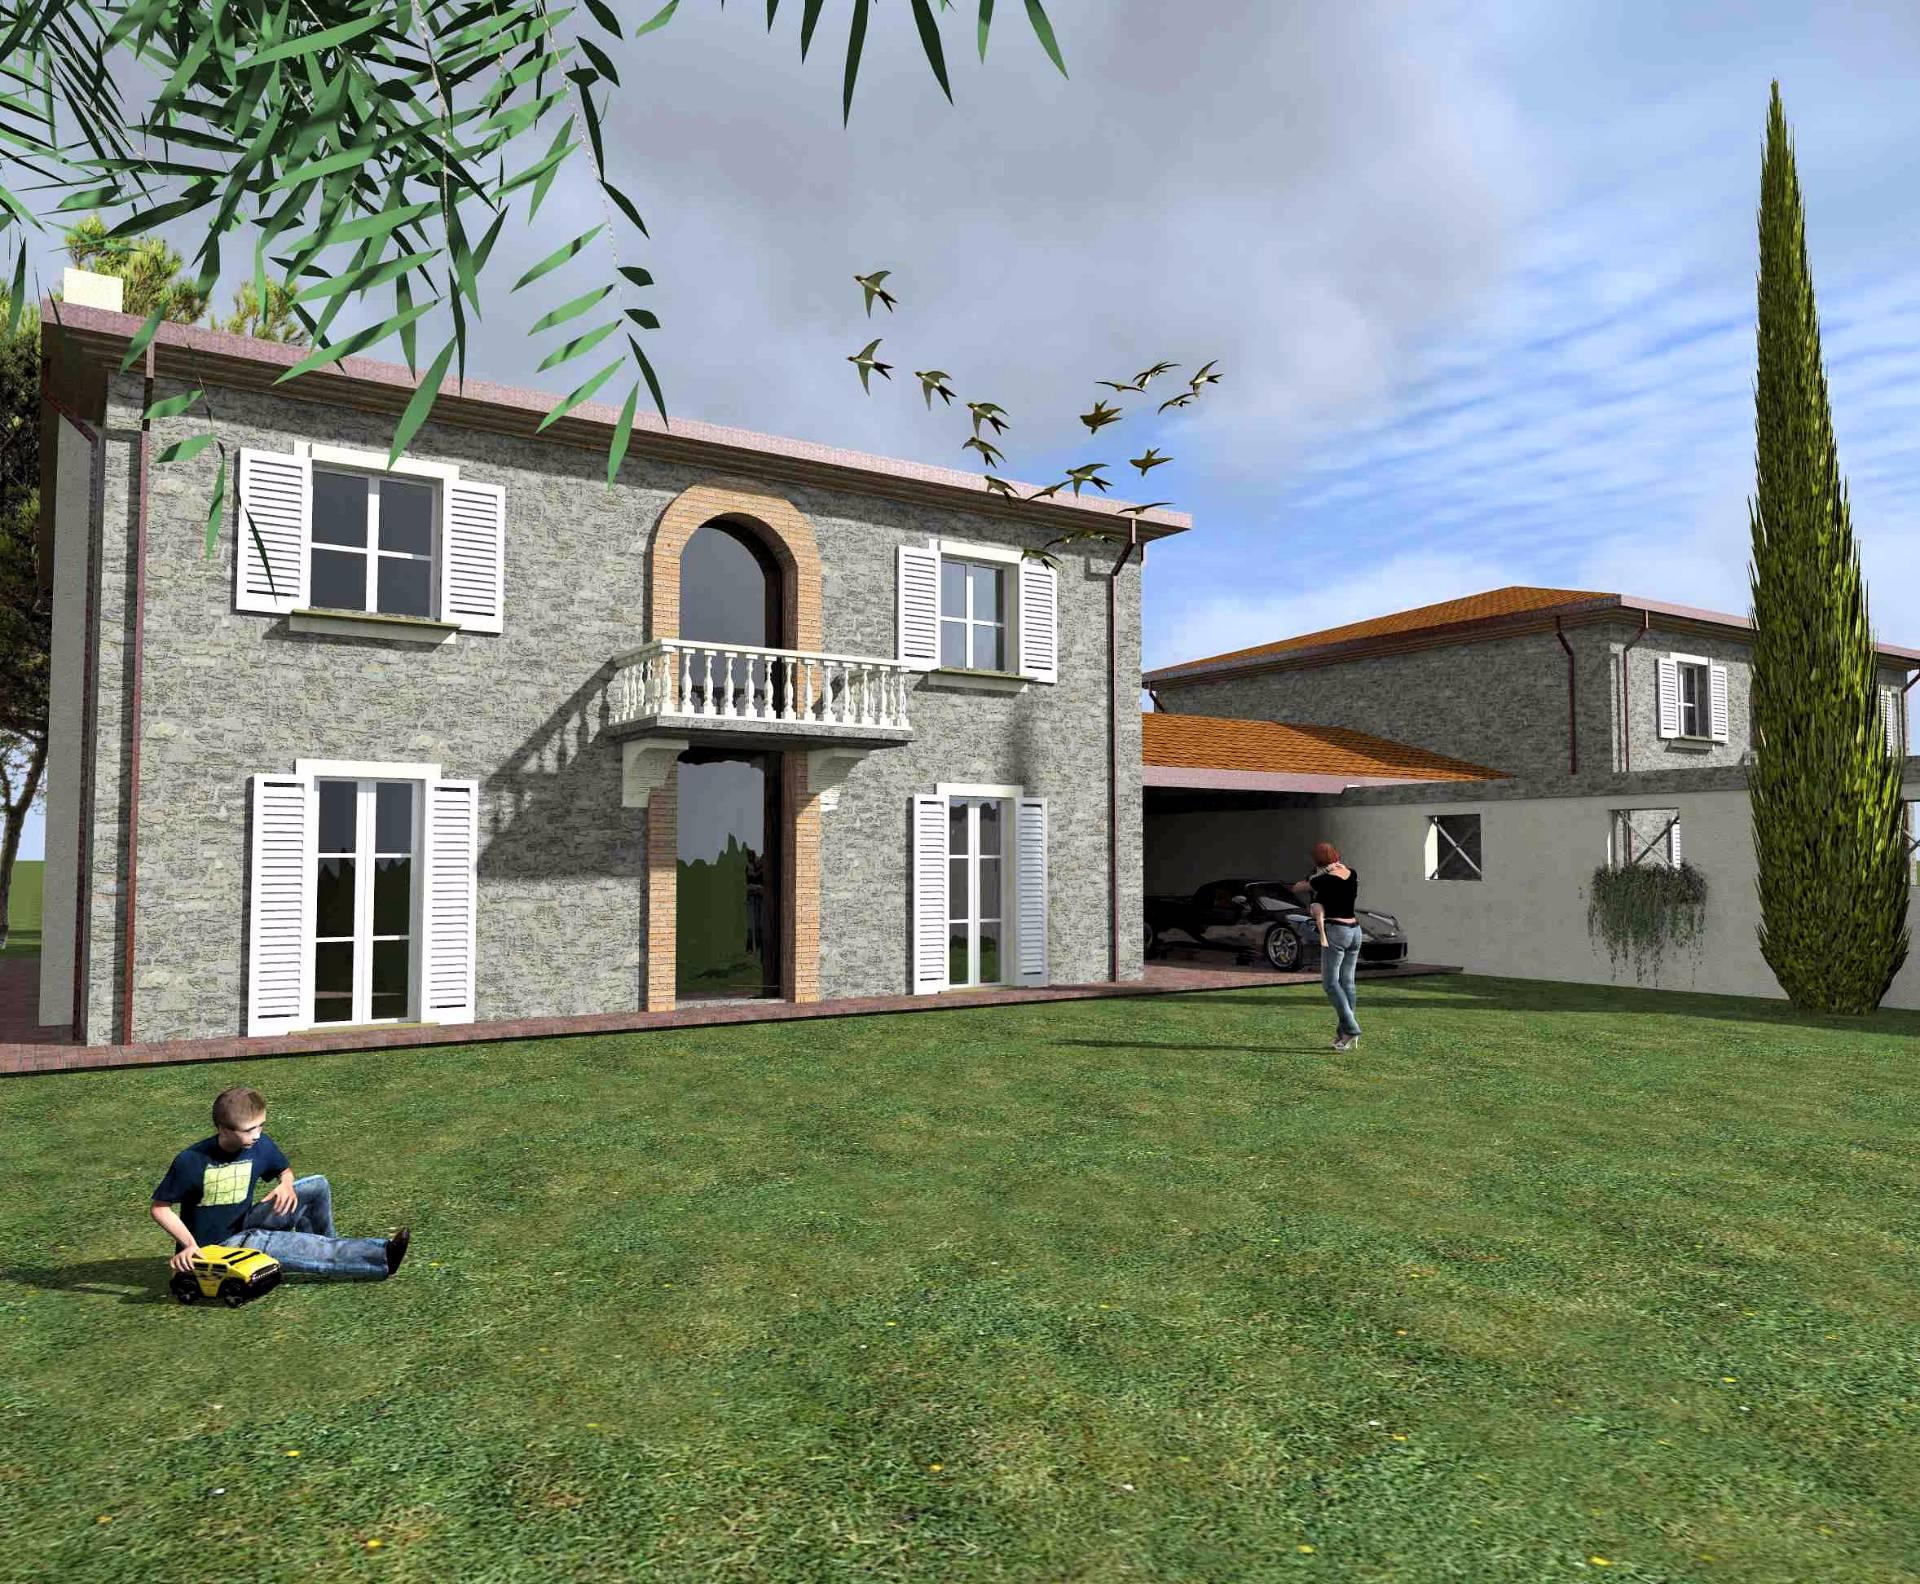 Rustico / Casale in vendita a Altopascio, 10 locali, zona Zona: Spianate, Trattative riservate | Cambio Casa.it